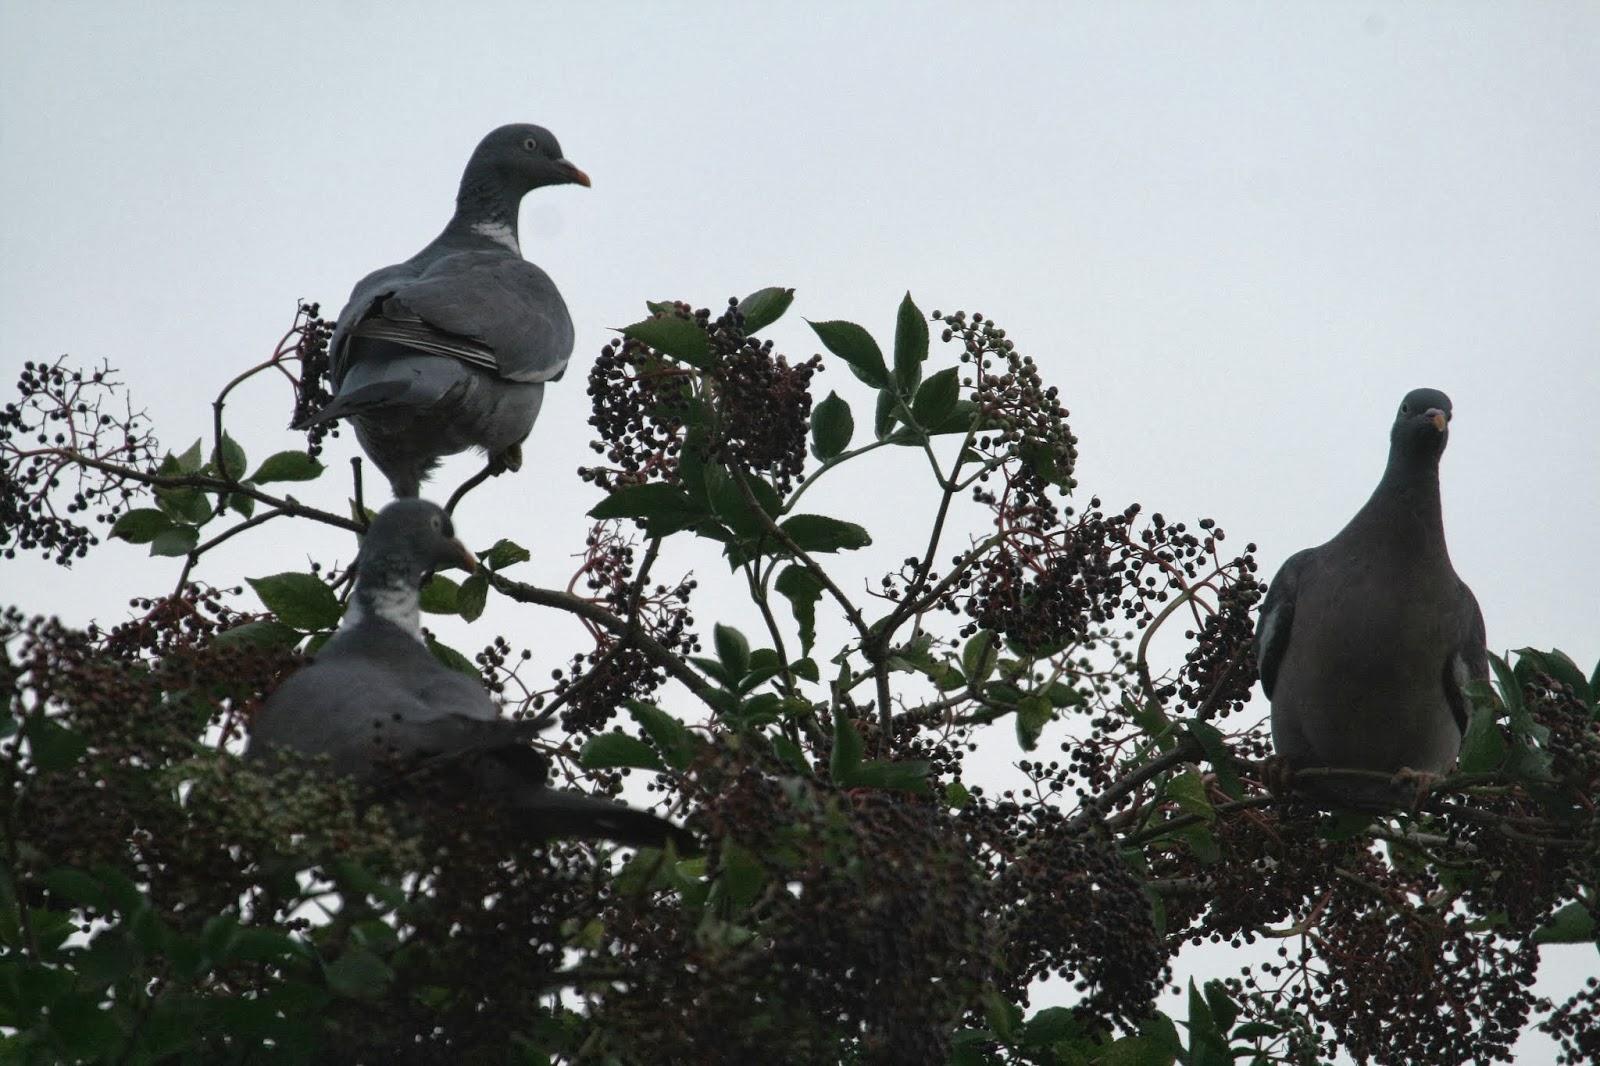 Pigeon Slow Juicer Spare Parts : Garden Bird Year: Wine & Gold